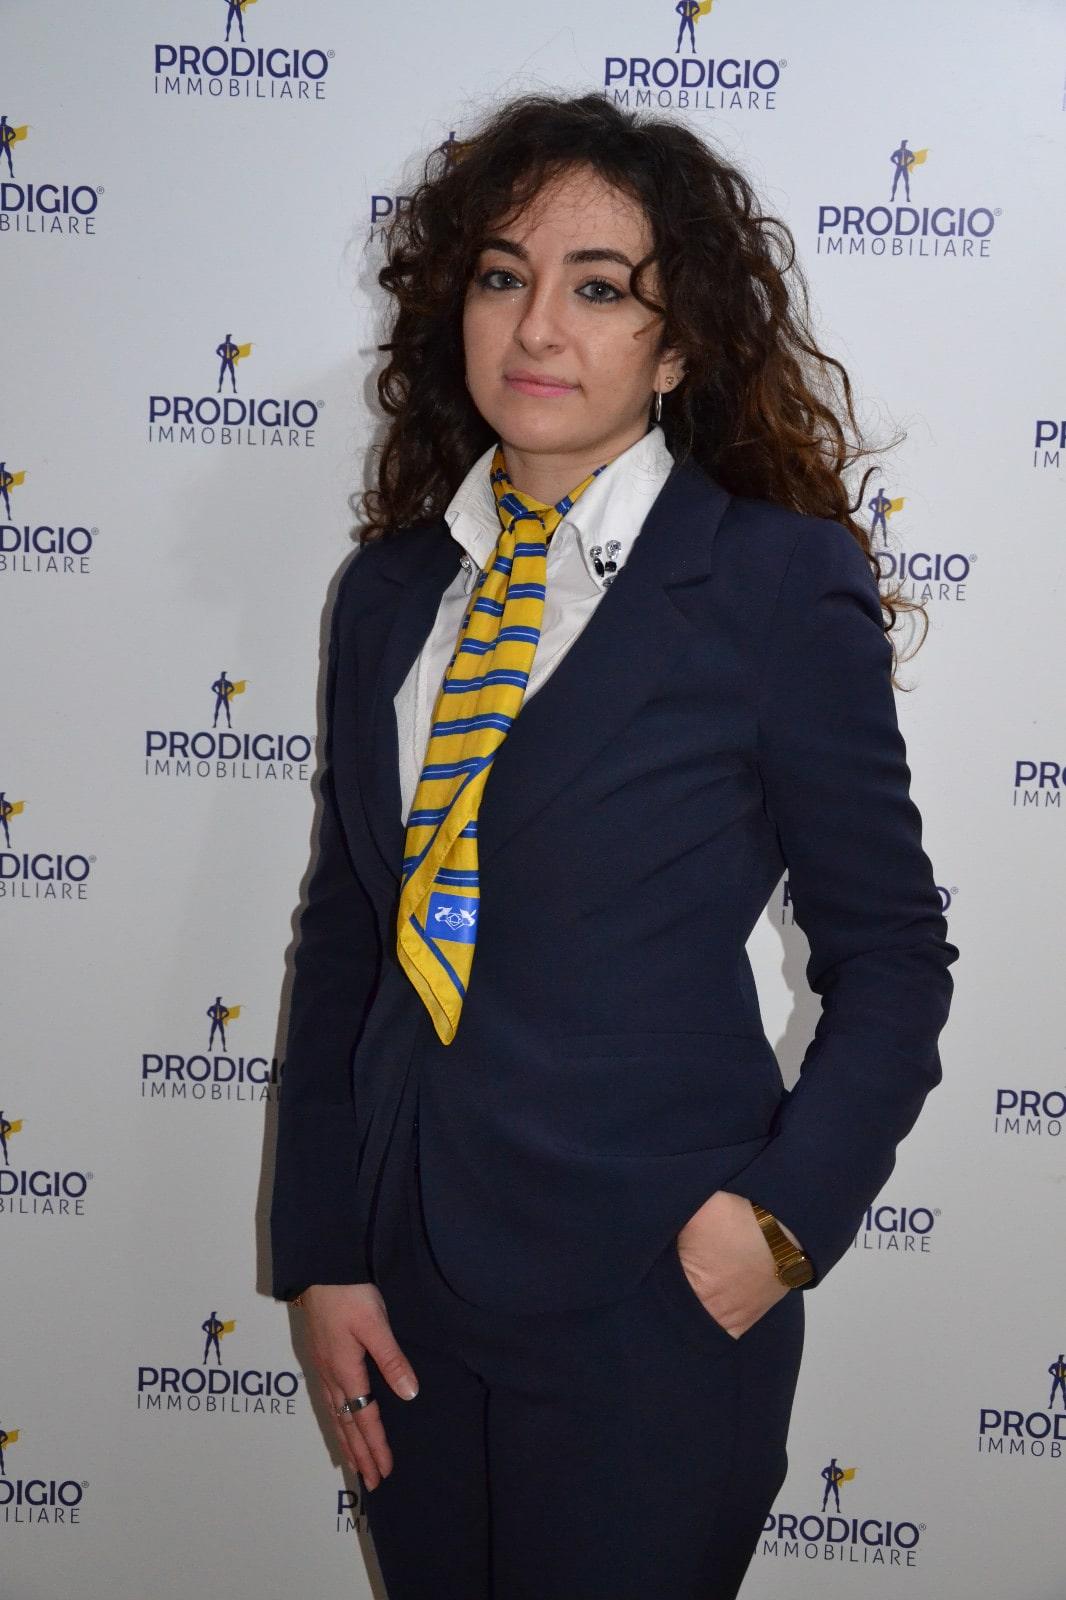 Marilisa Lospoto